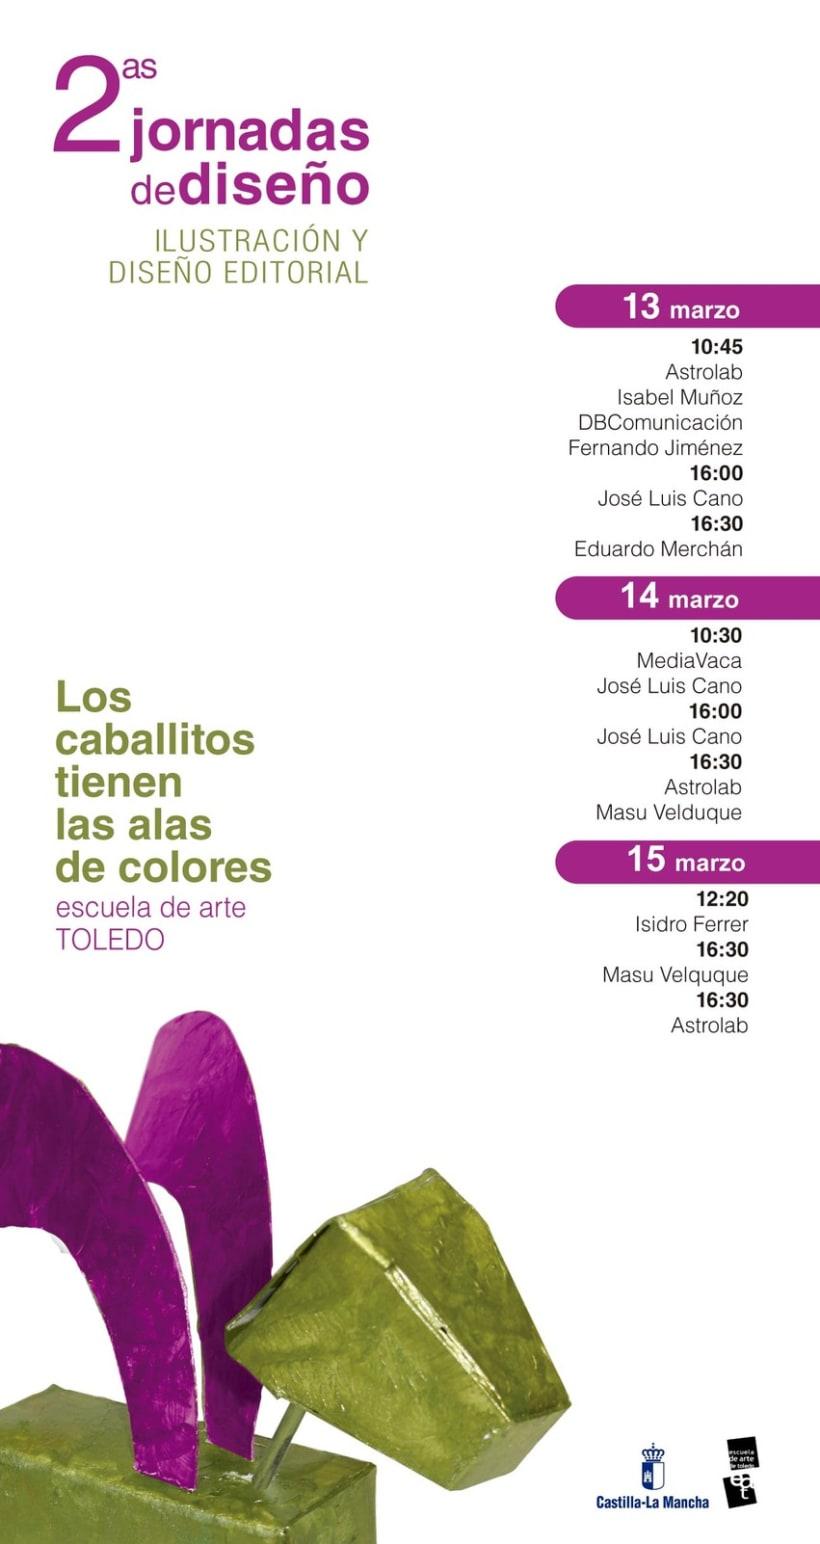 2as Jornadas de diseño, Escuela de Arte de Toledo  5